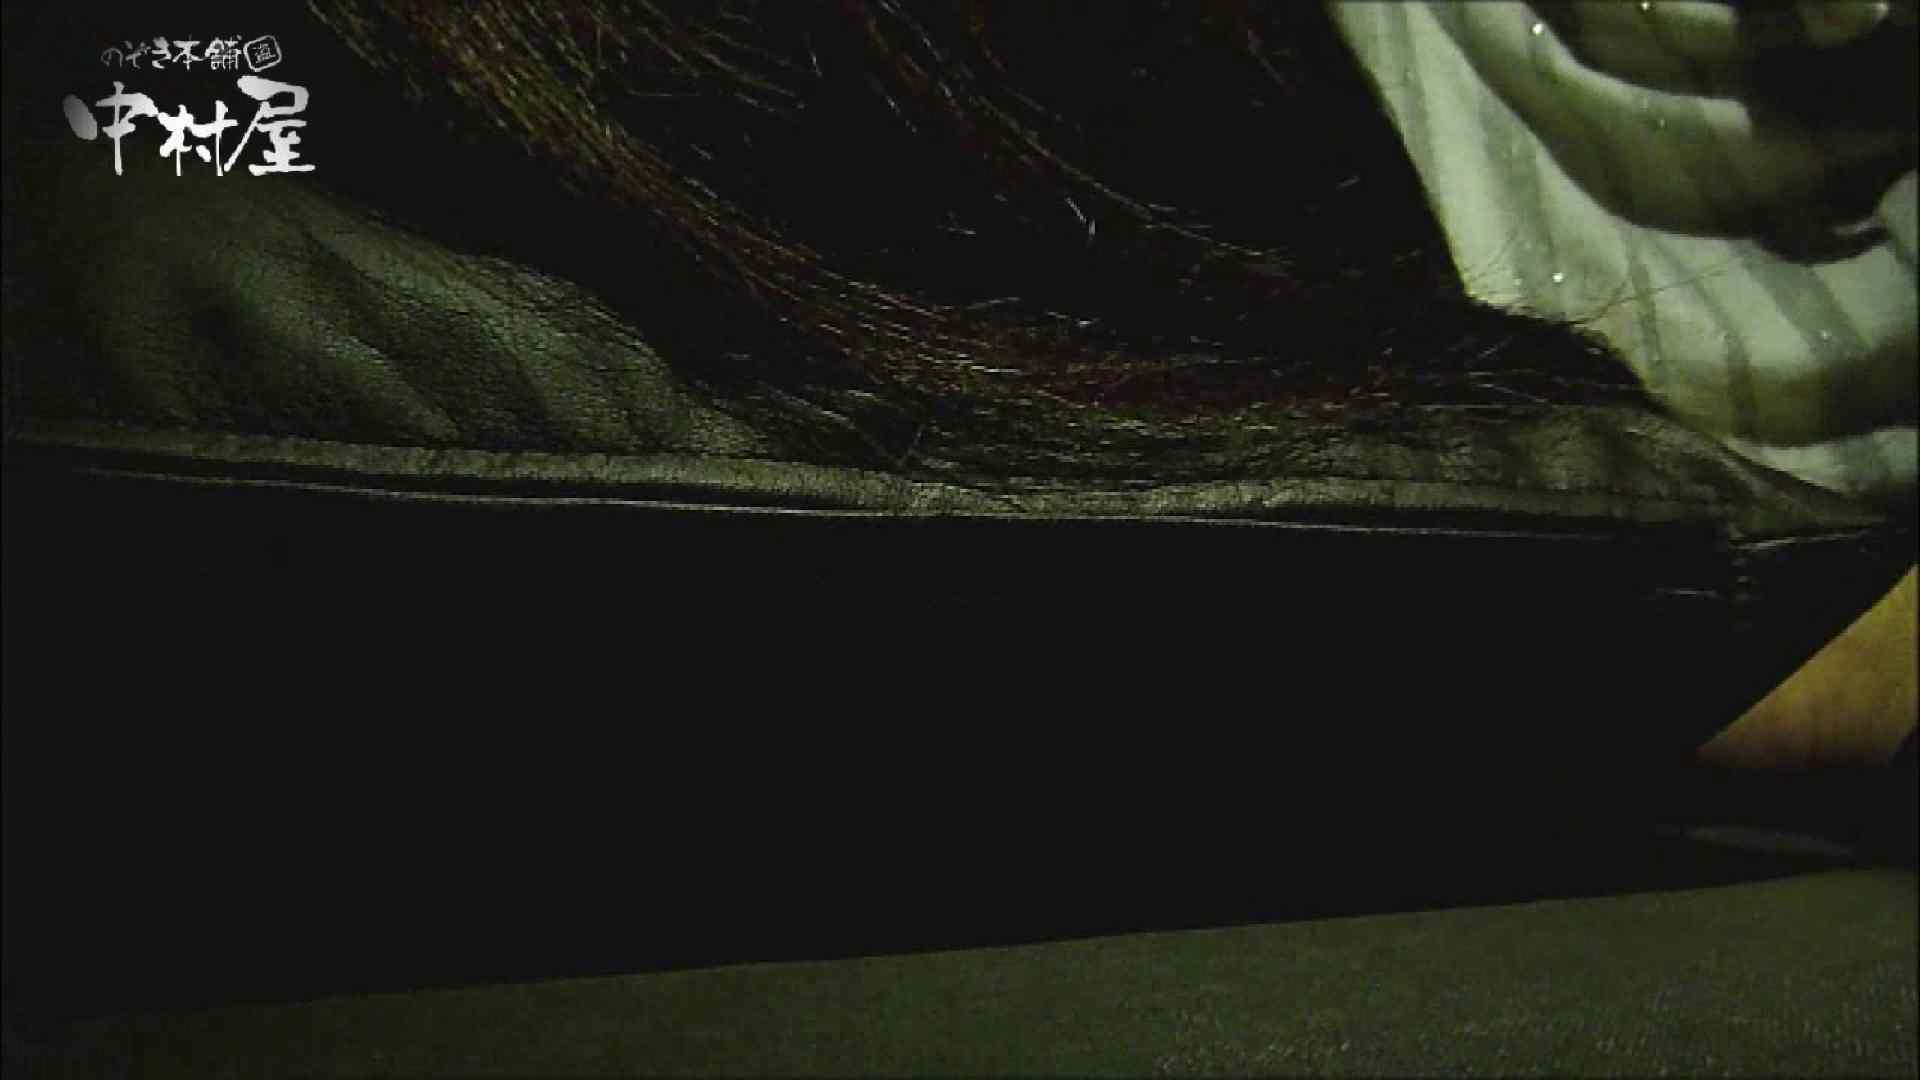 欲望 リアルドール Vol.01 Kちゃんショップ店員店員20歳 イタズラ オマンコ動画キャプチャ 71pic 55